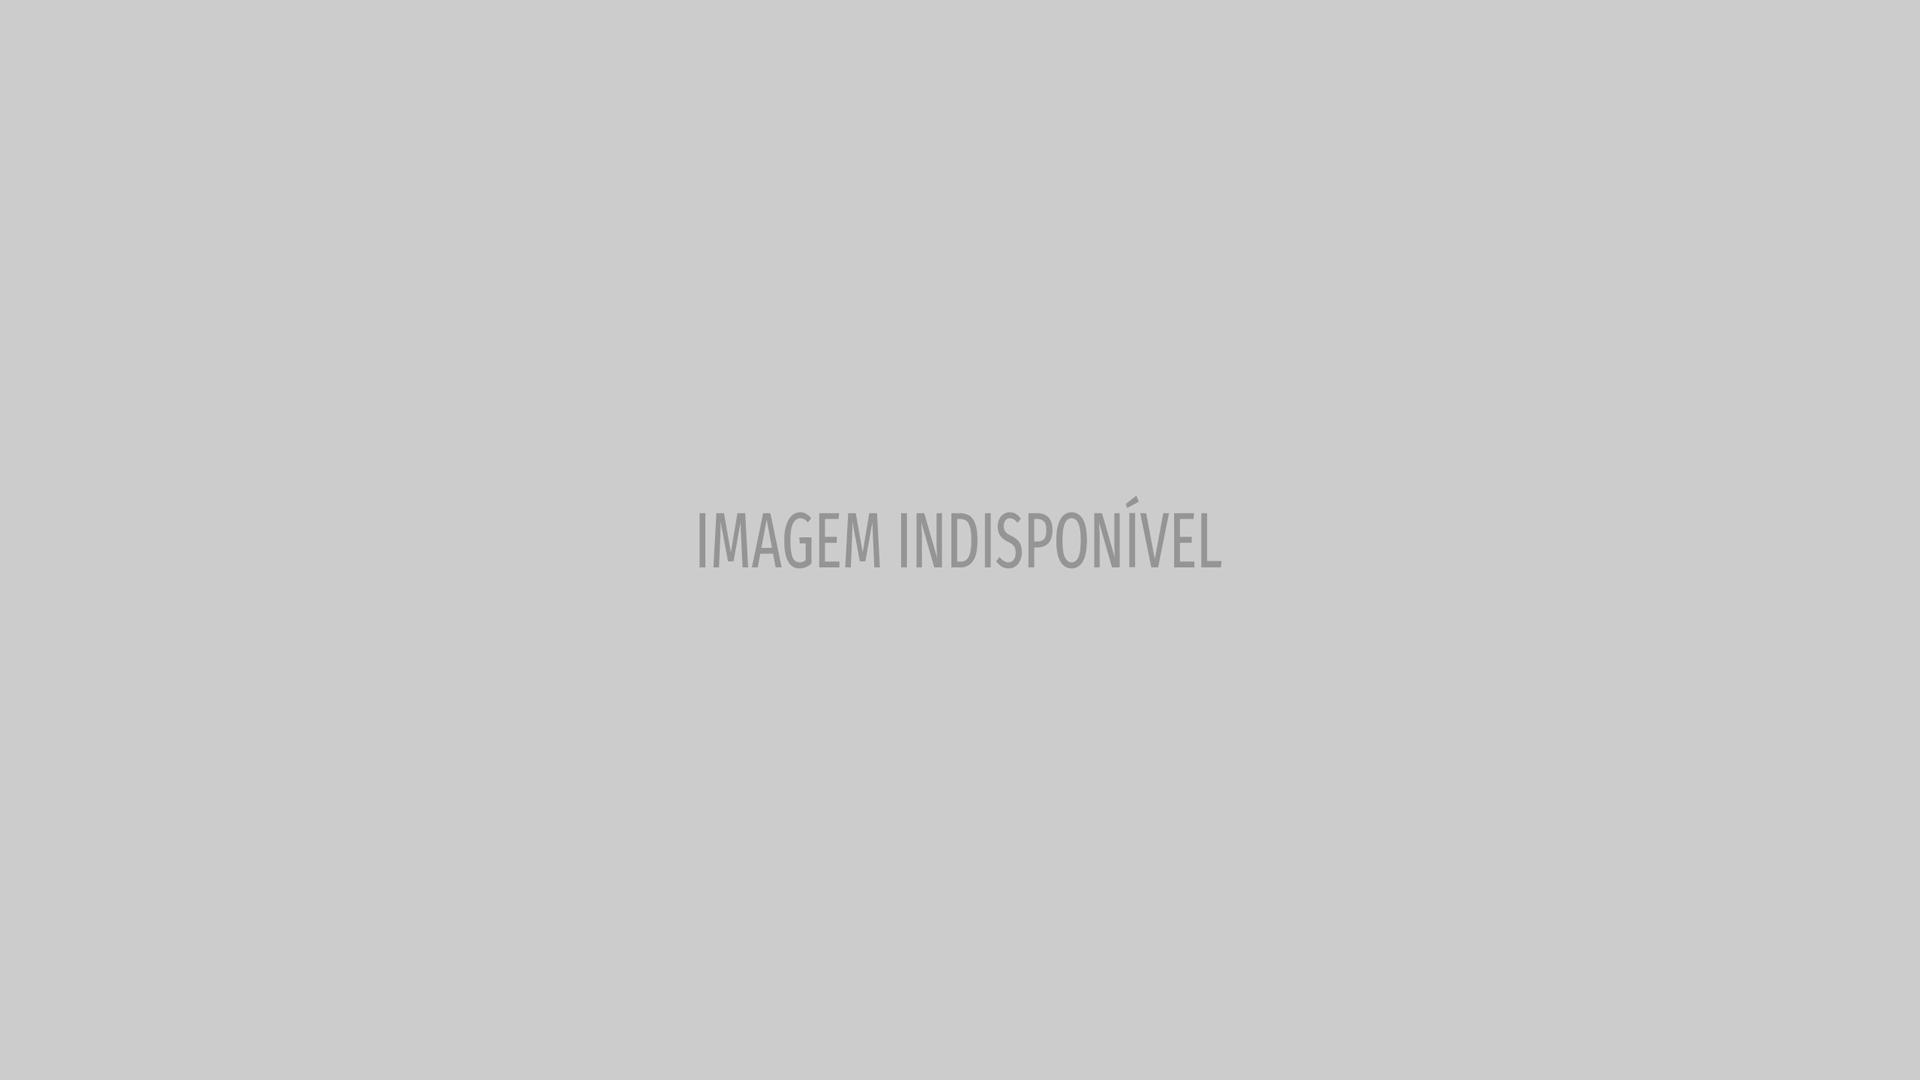 Agente da polícia descarrega taser no próprio colega durante detenção